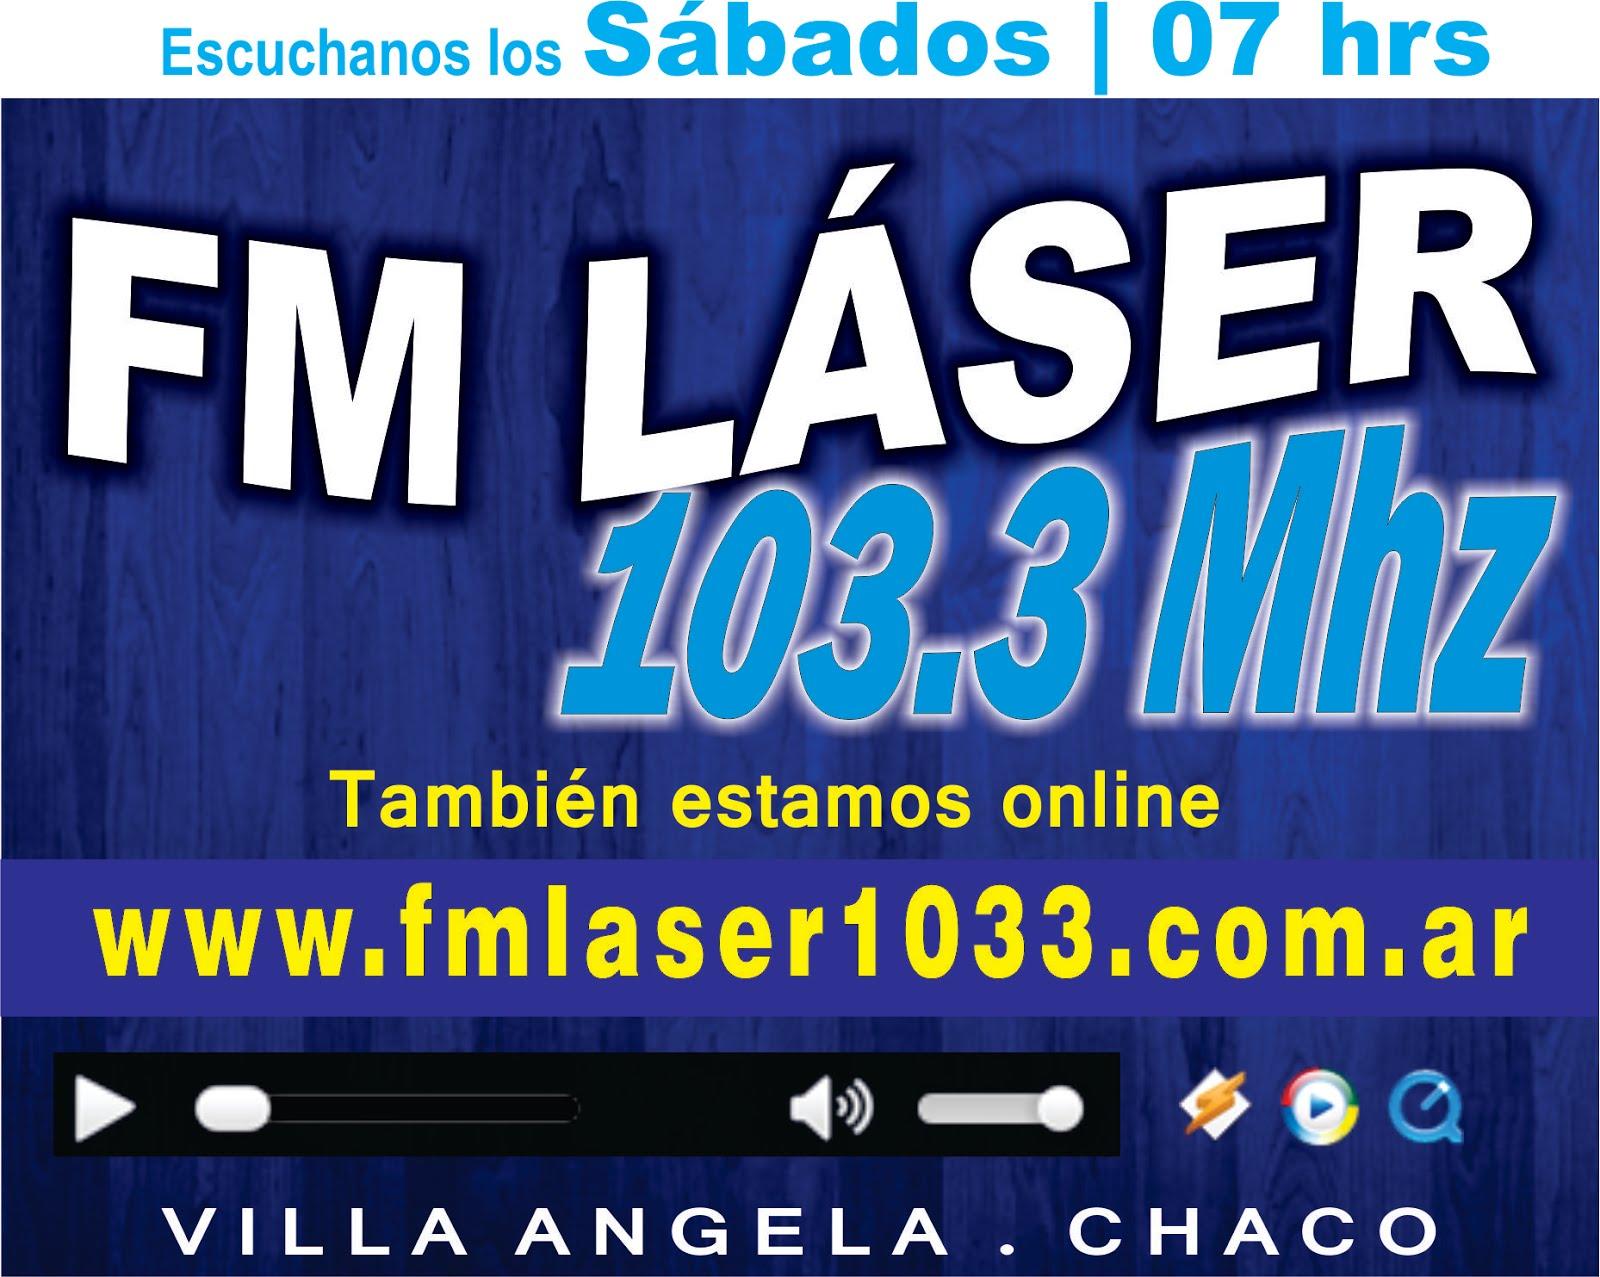 Fm Laser